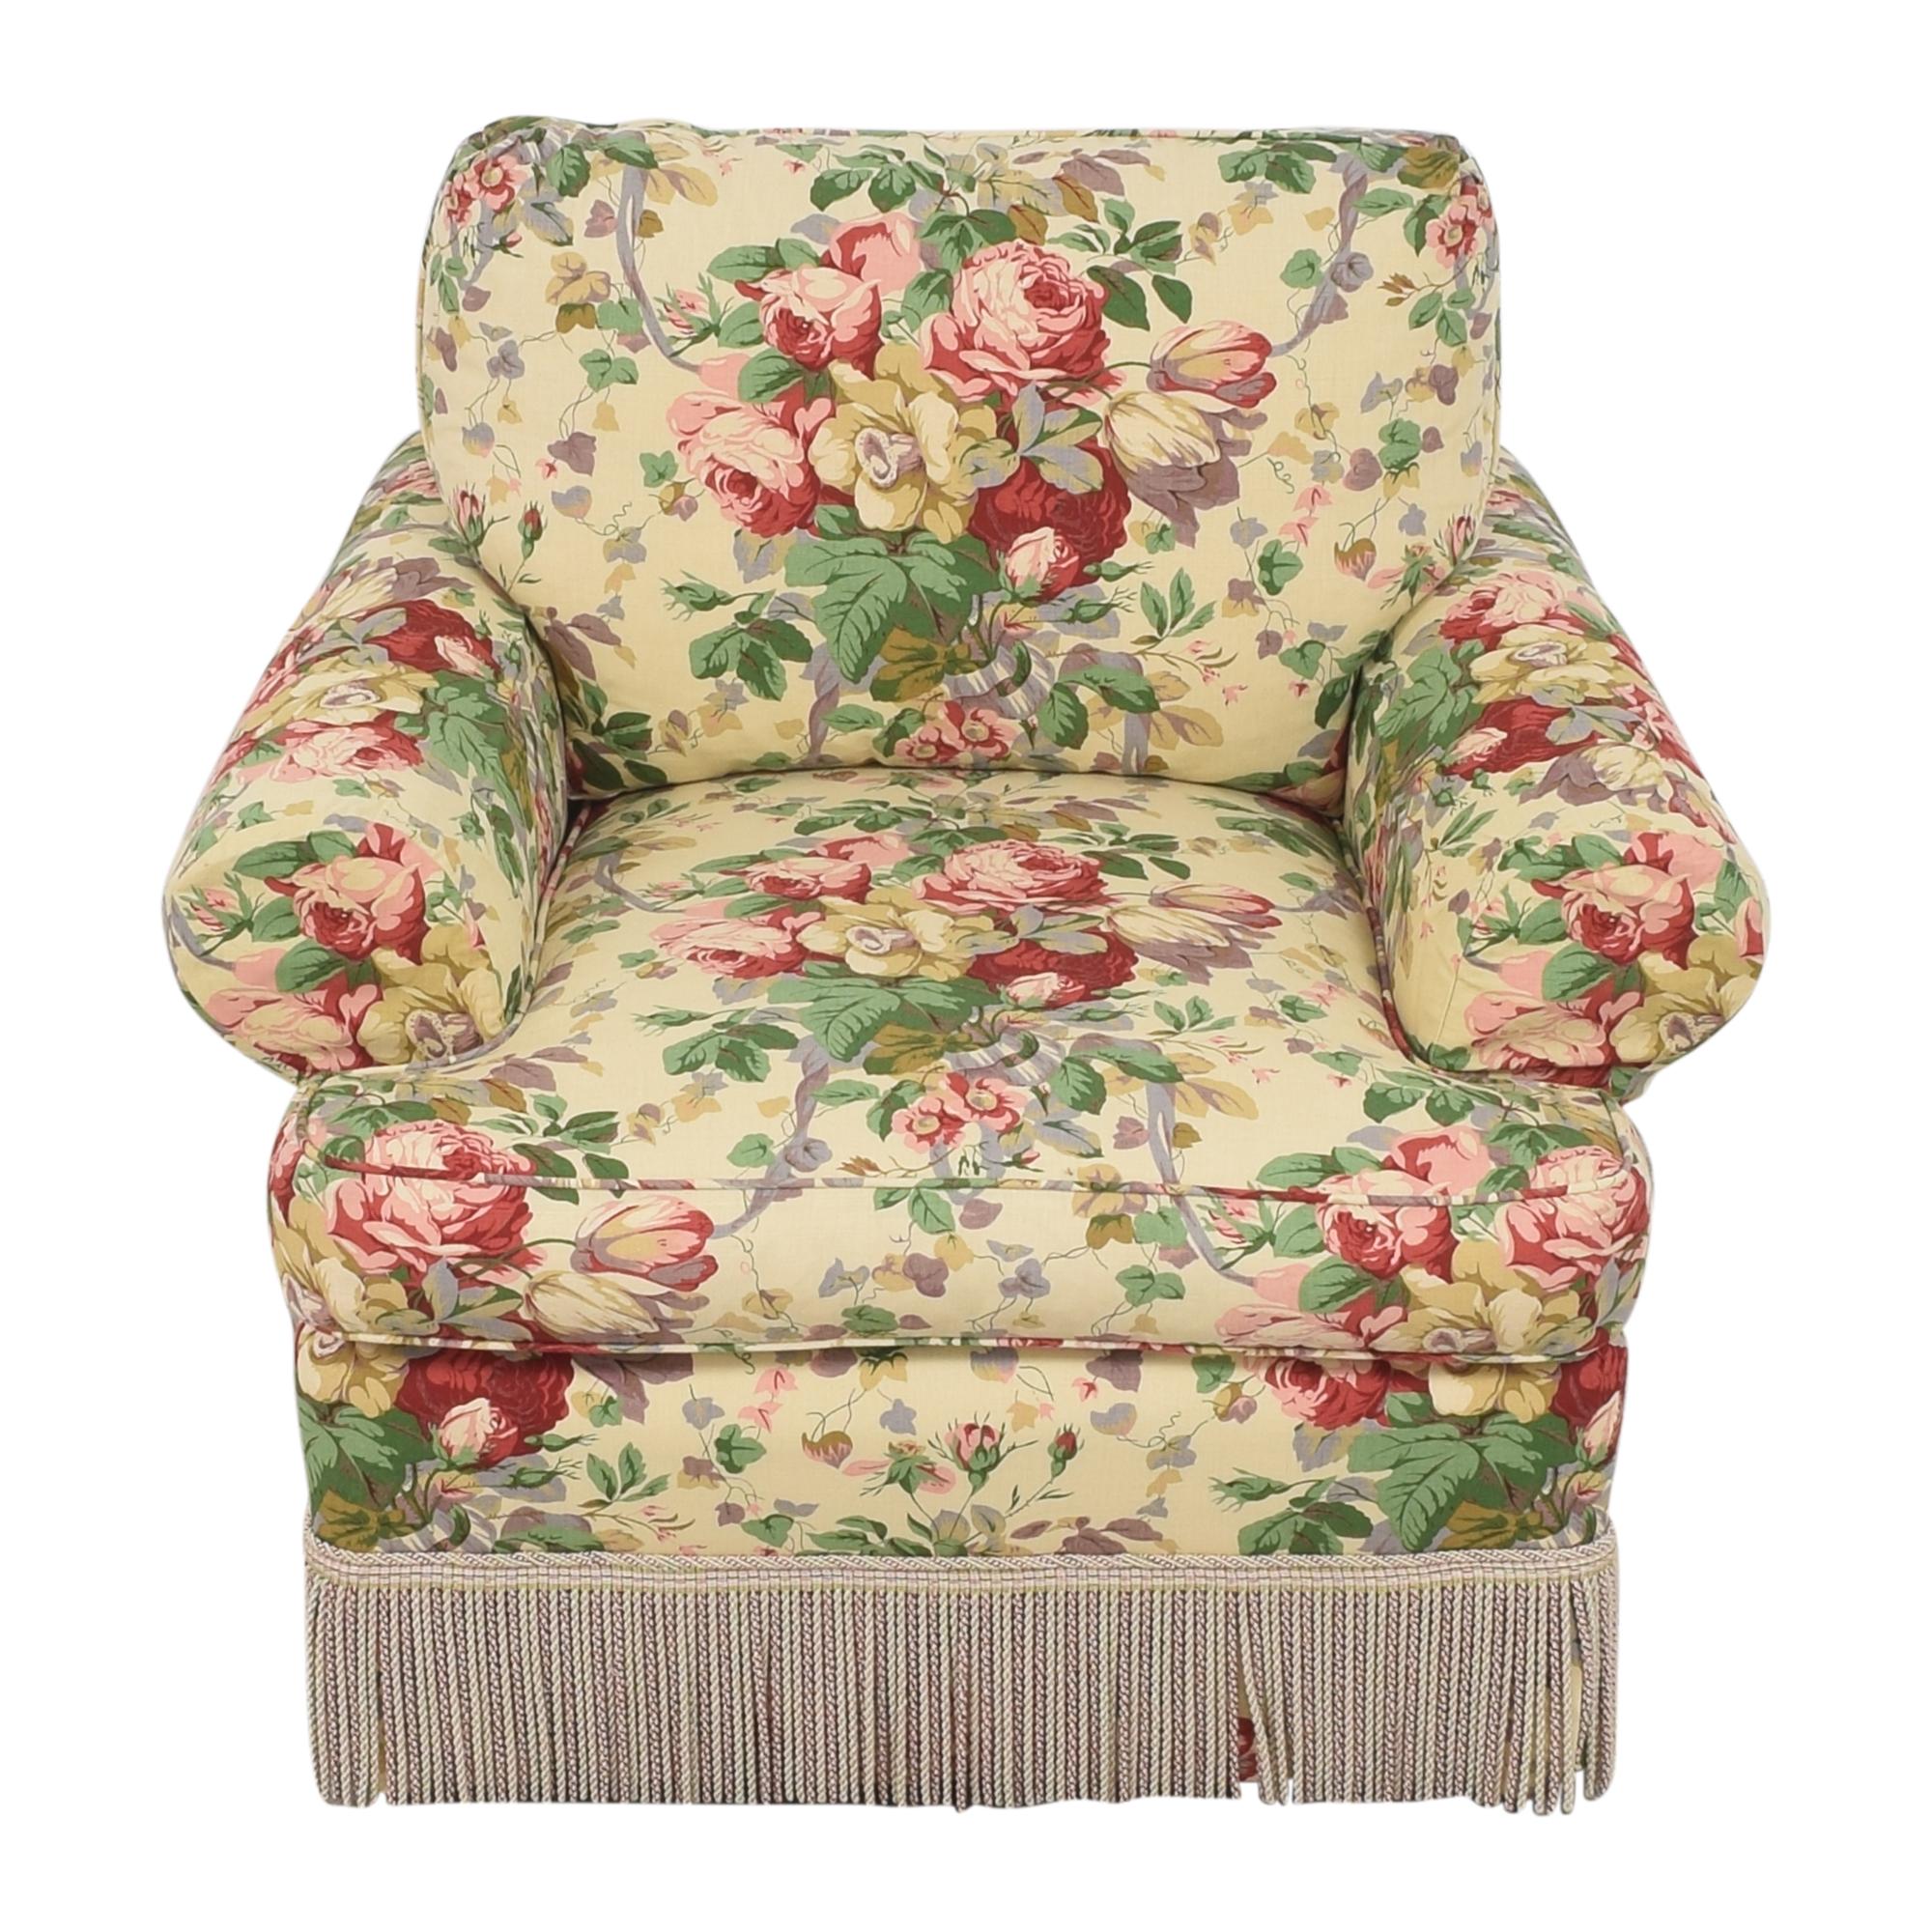 shop Lee Jofa Lee Jofa Floral Club Chair online